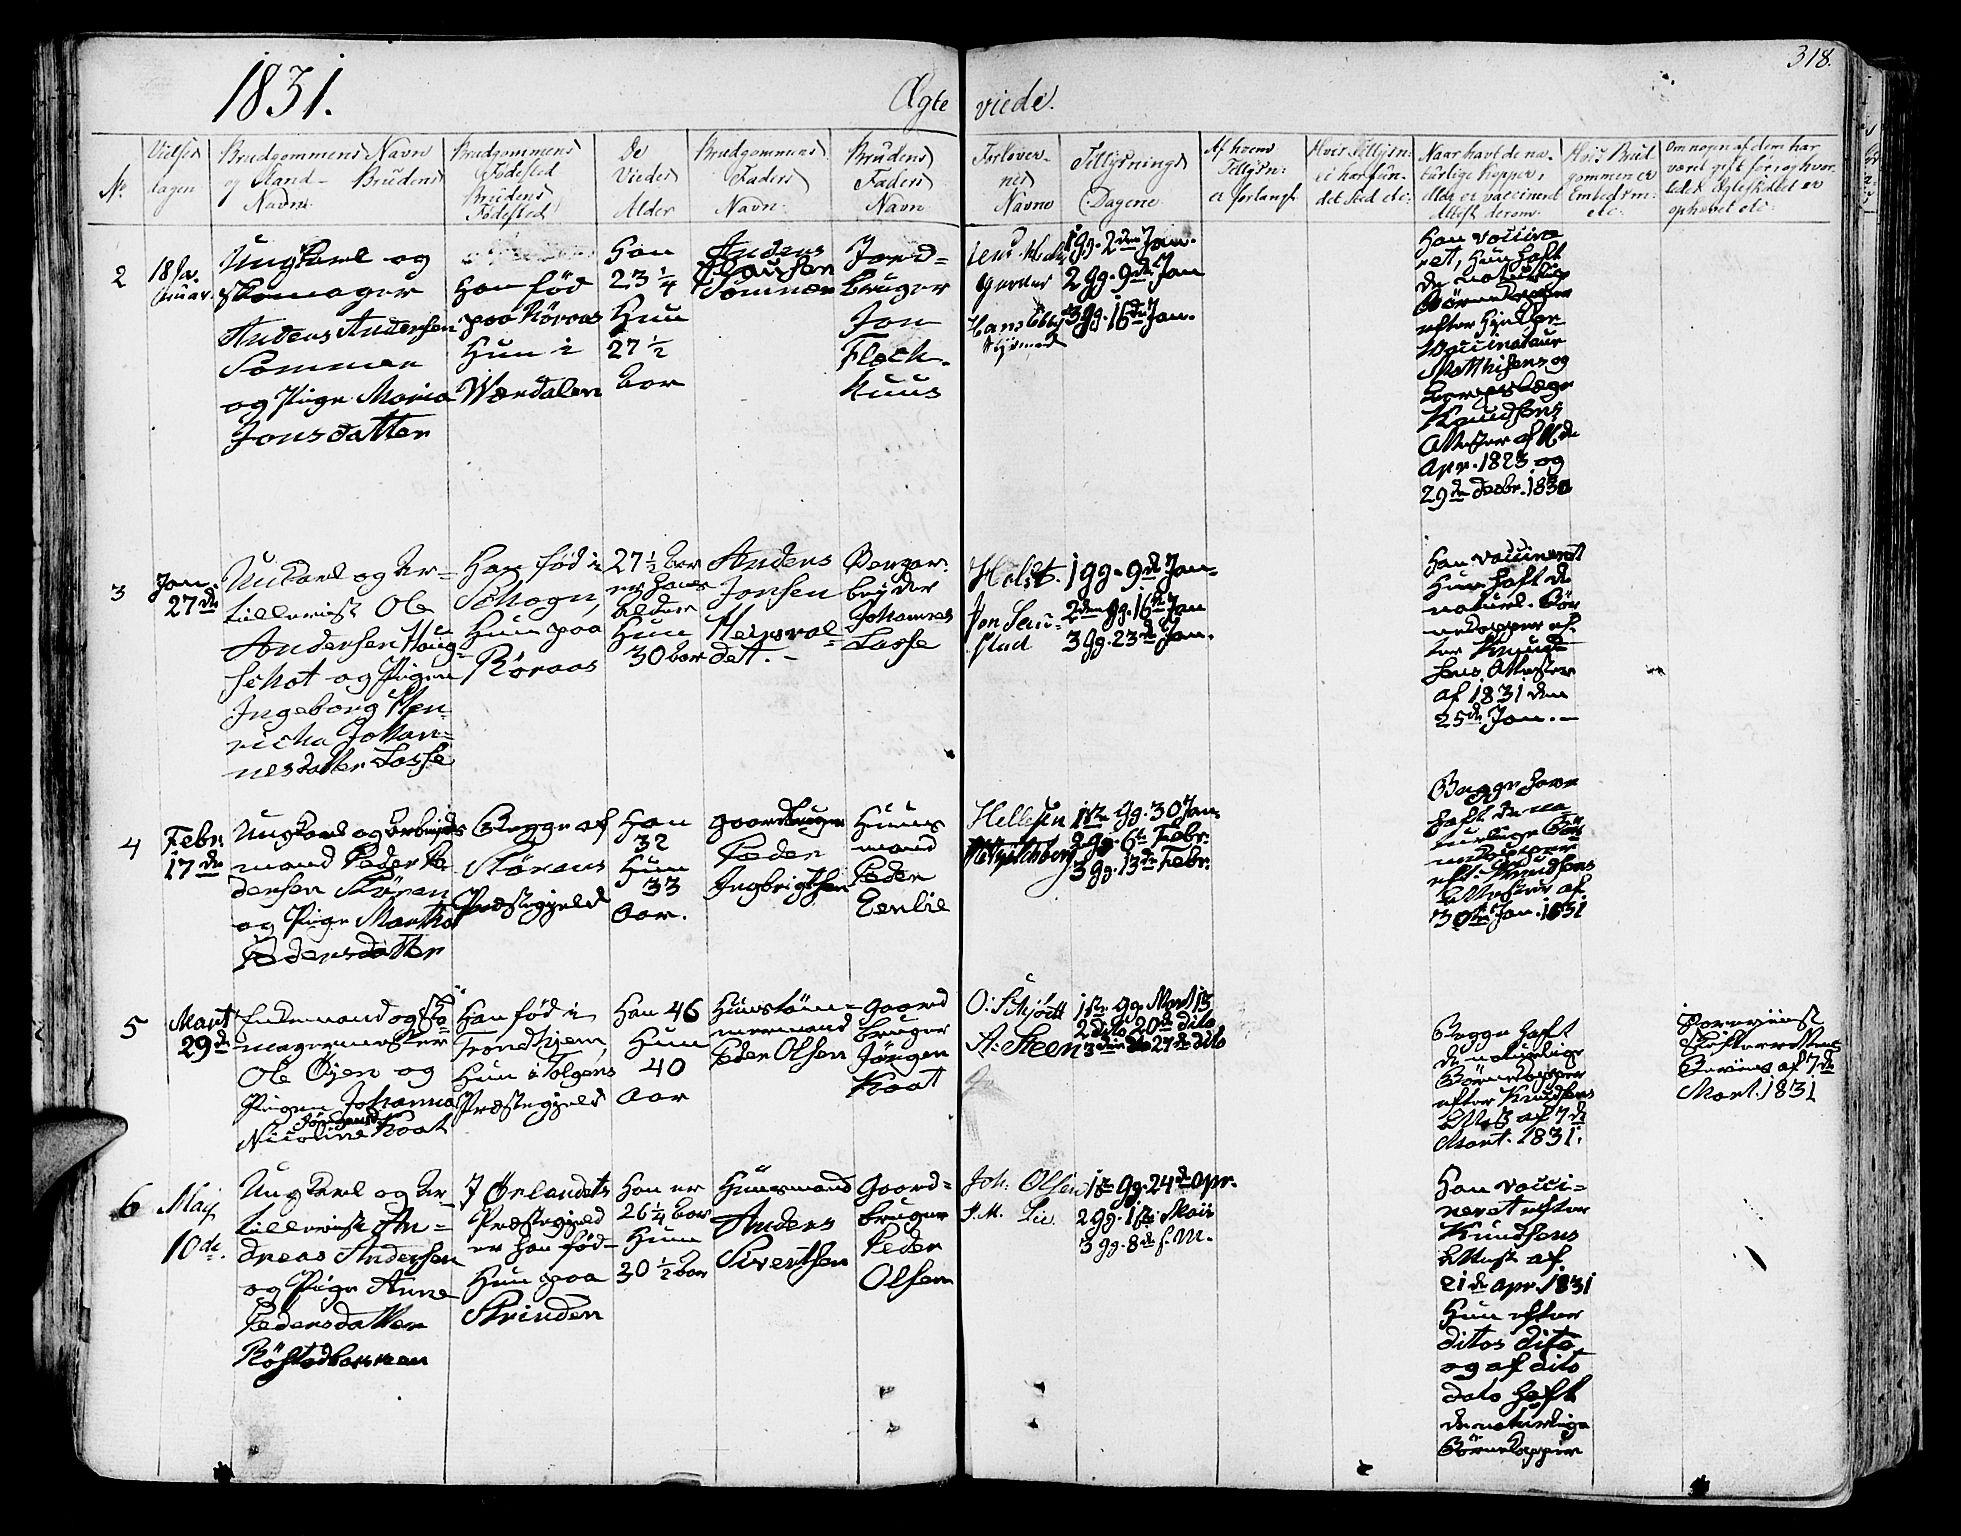 SAT, Ministerialprotokoller, klokkerbøker og fødselsregistre - Sør-Trøndelag, 602/L0109: Ministerialbok nr. 602A07, 1821-1840, s. 318